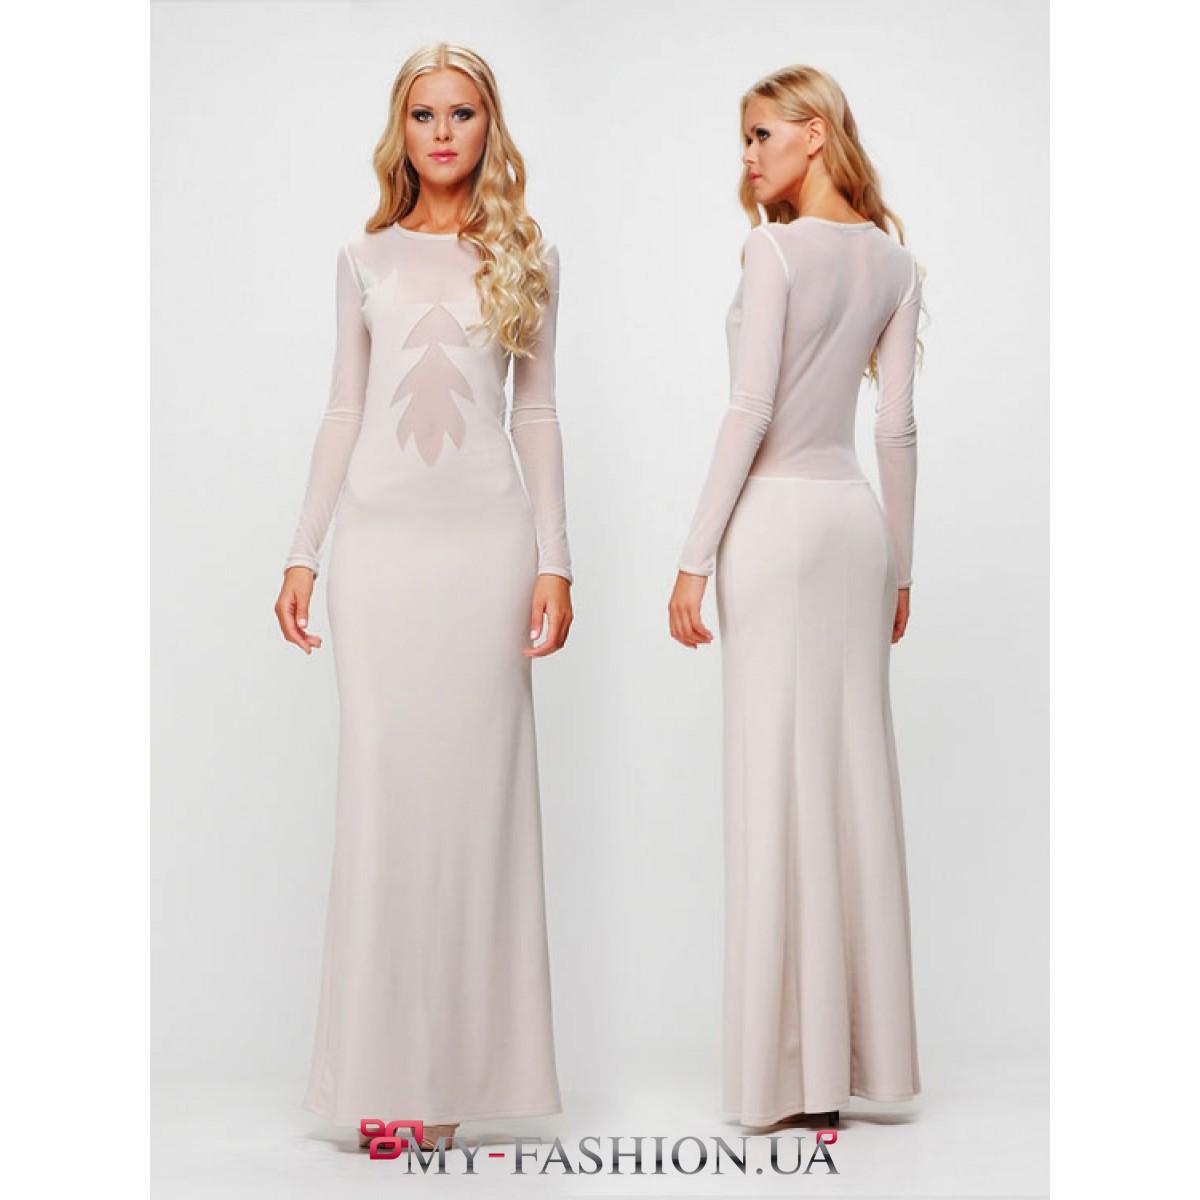 bd9c80c413a47d9 Белое вечернее платье максимальной длинны · Белое вечернее платье  максимальной длинны ...